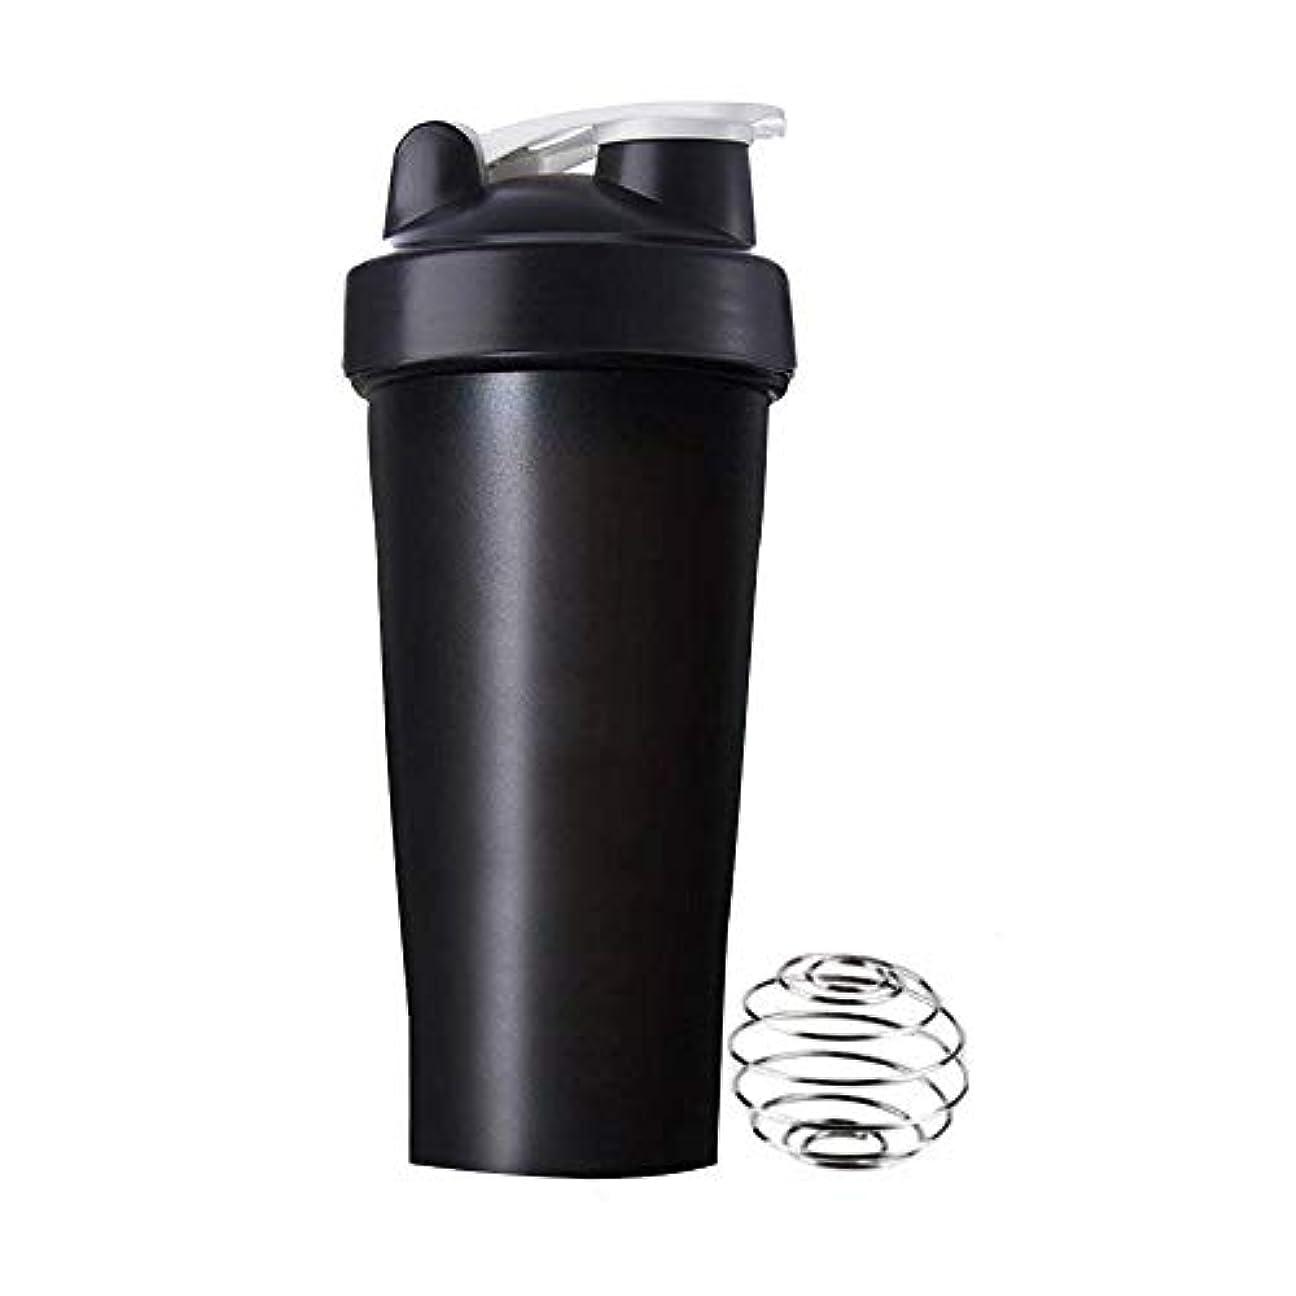 閉じ込める特異な落とし穴gundoop プロテインシェイカー 直飲み プラスチックウォーターボトル ジム シェーカーボトル 600ml